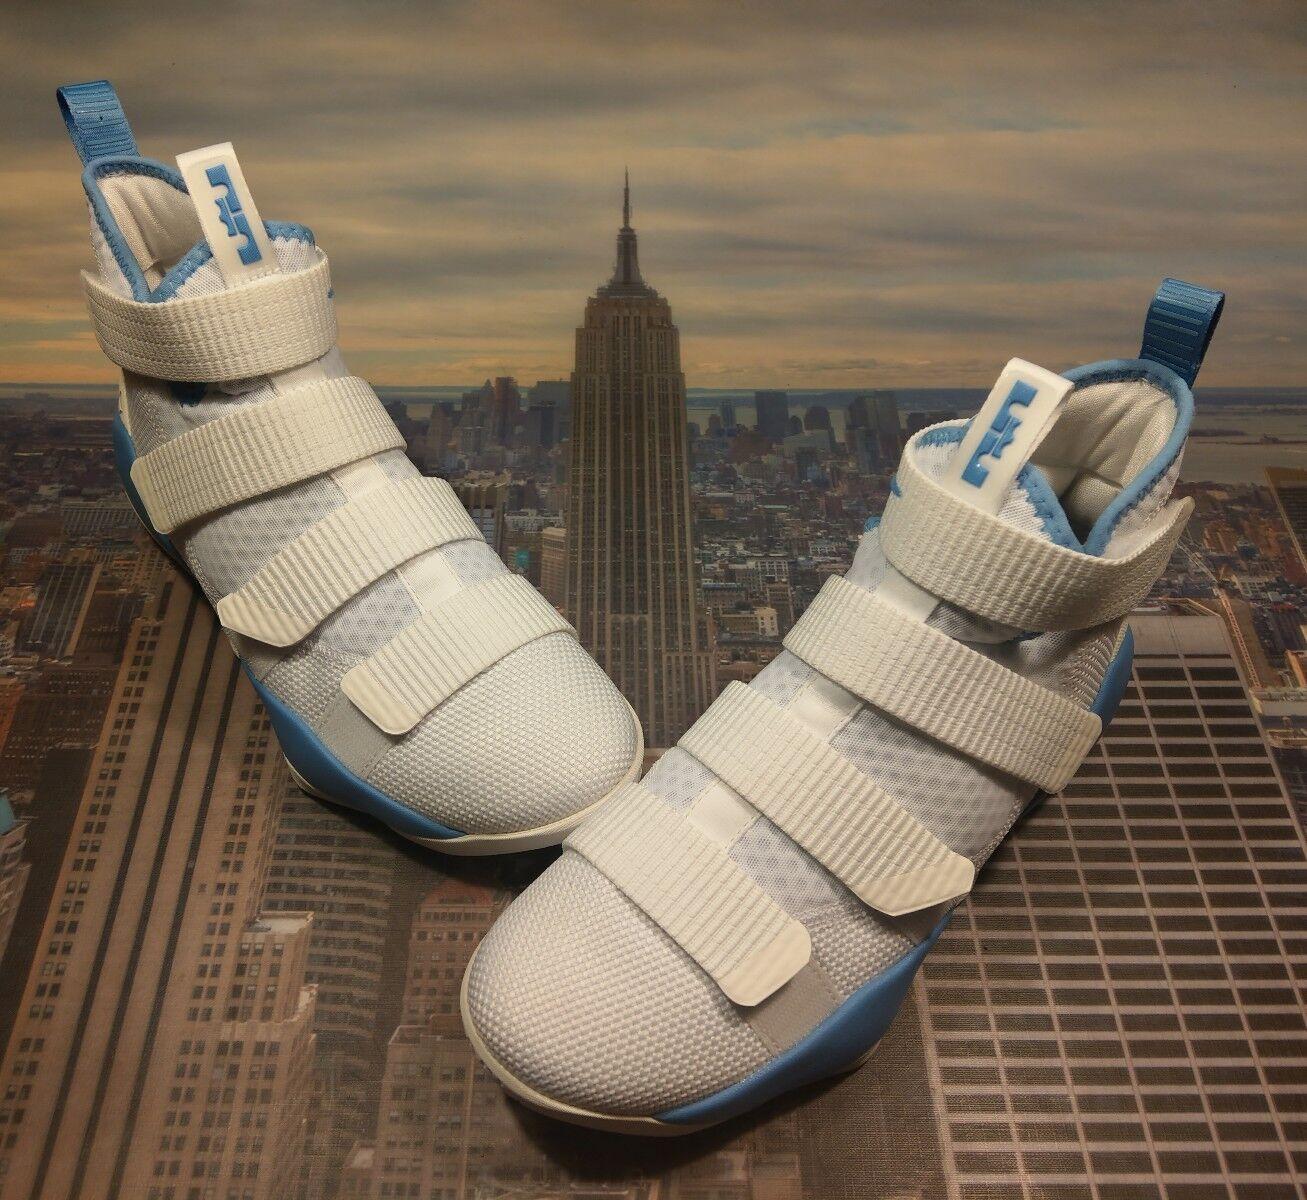 Nike LeBron Soldier XI 11 TB Promo White Coastal bluee Men's Size 8 X 943155 115